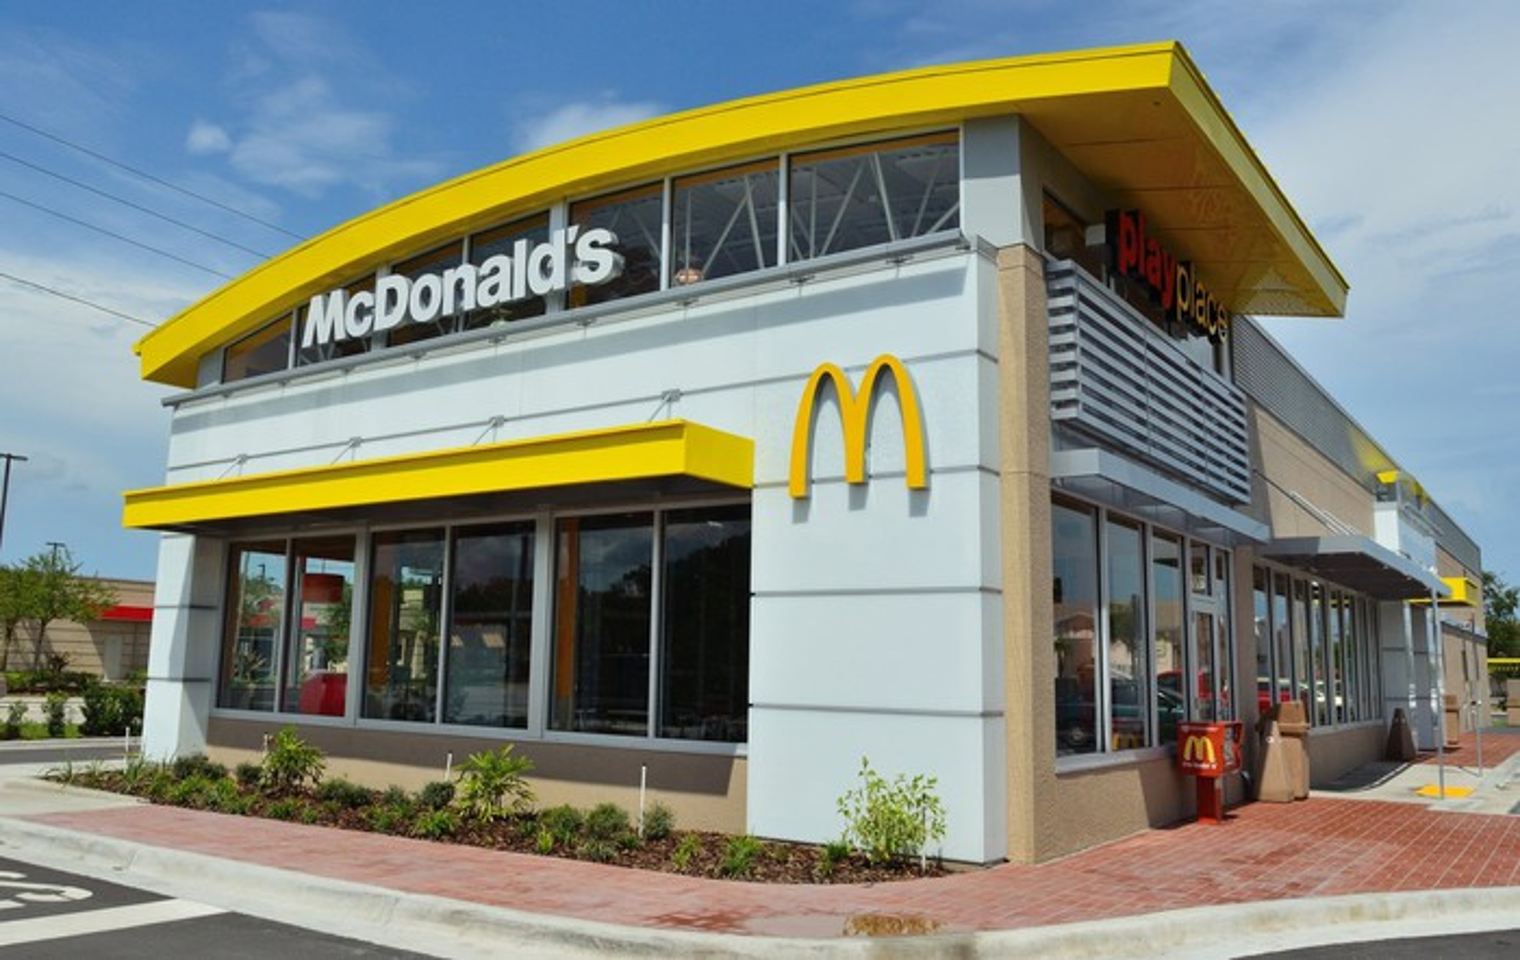 The facade of a McDonald's restaurant.